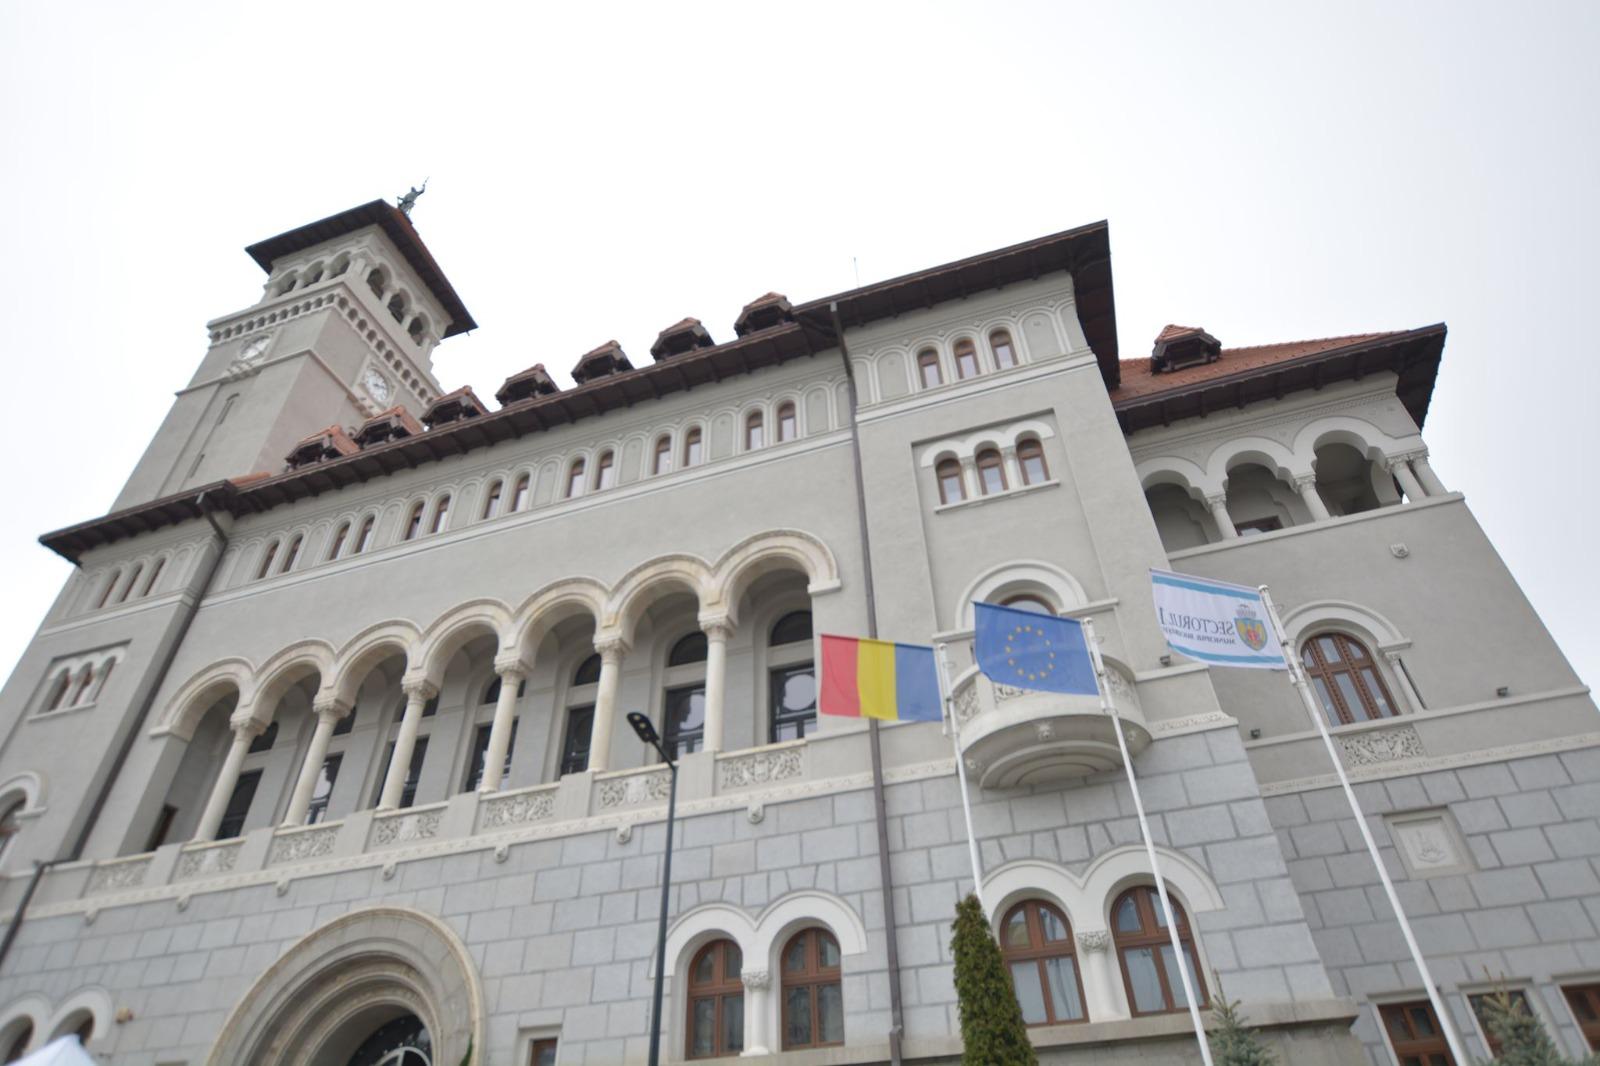 Solicităm preluarea în administrare a parcurilor Cișmigiu și Herăstrău pentru a le moderniza și reabilita